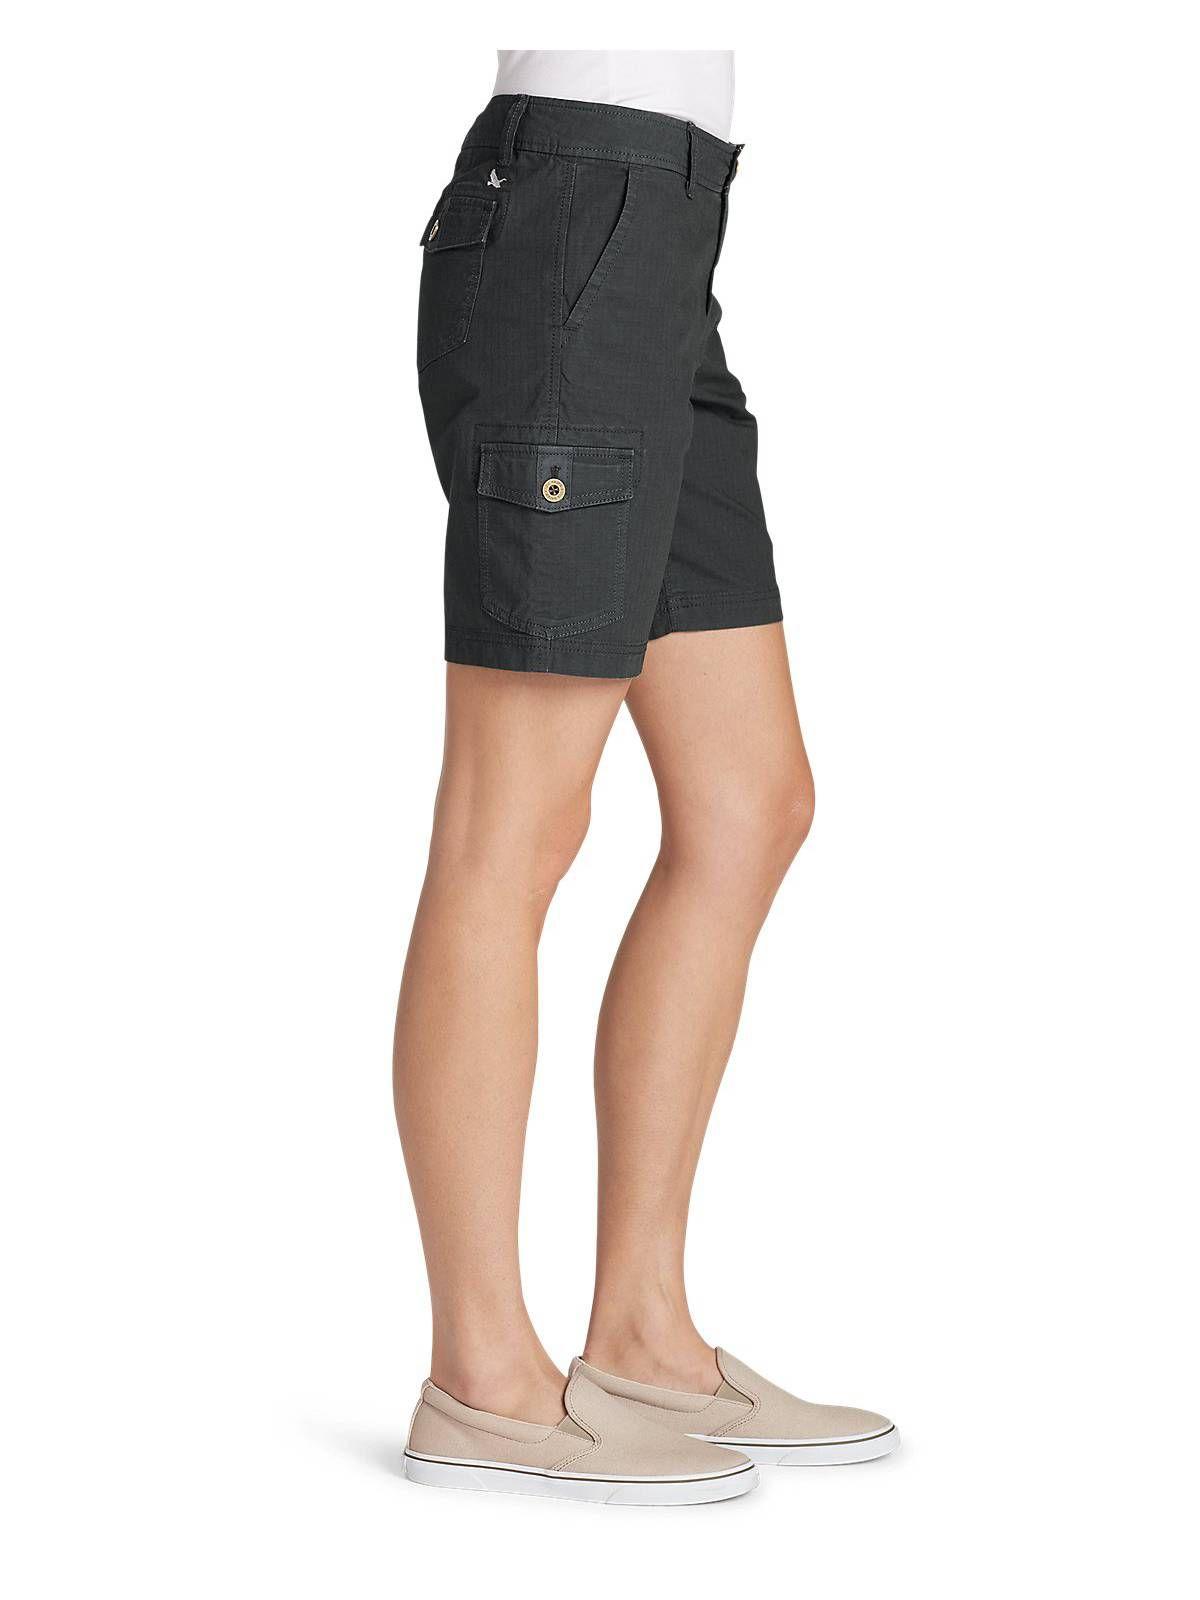 afed424e21 Eddie Bauer Women's Adventurer Stretch Ripstop Cargo Shorts - Slightly  Curvy#Adventurer, #Stretch, #Women